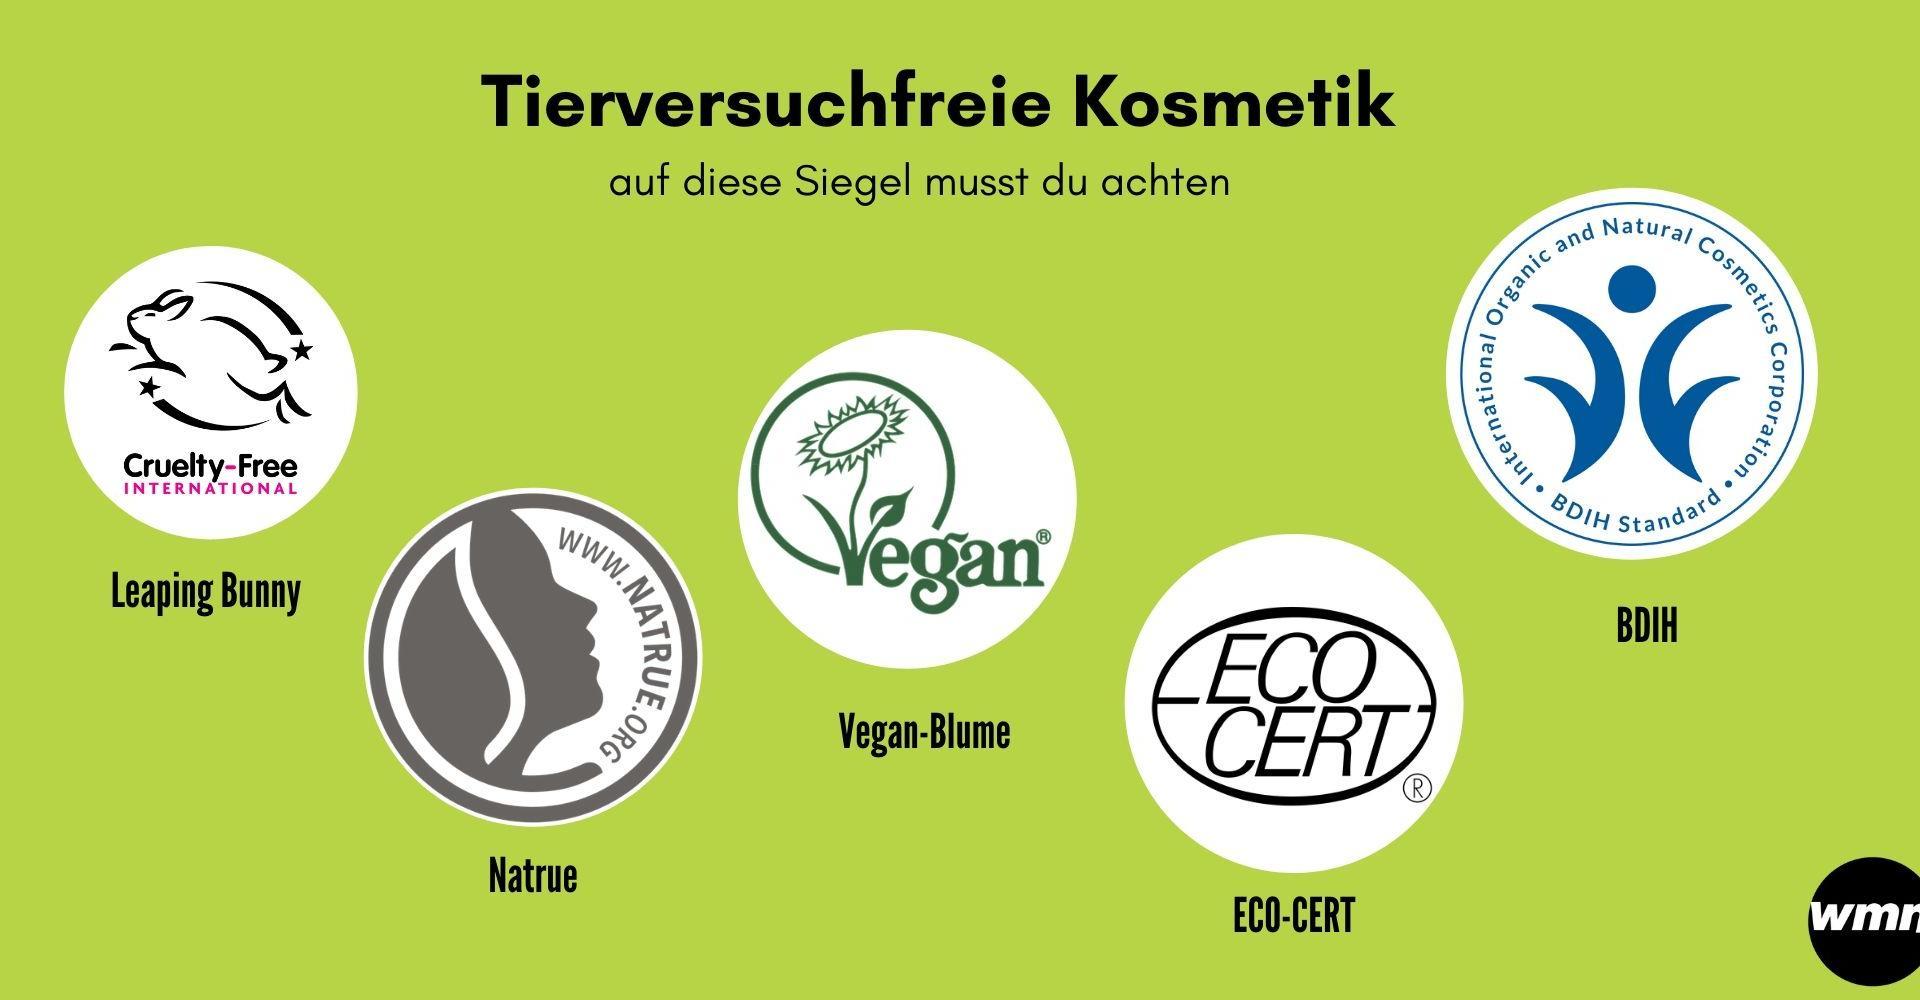 Tierversuchfreie Kosmetik erkennen Siegel